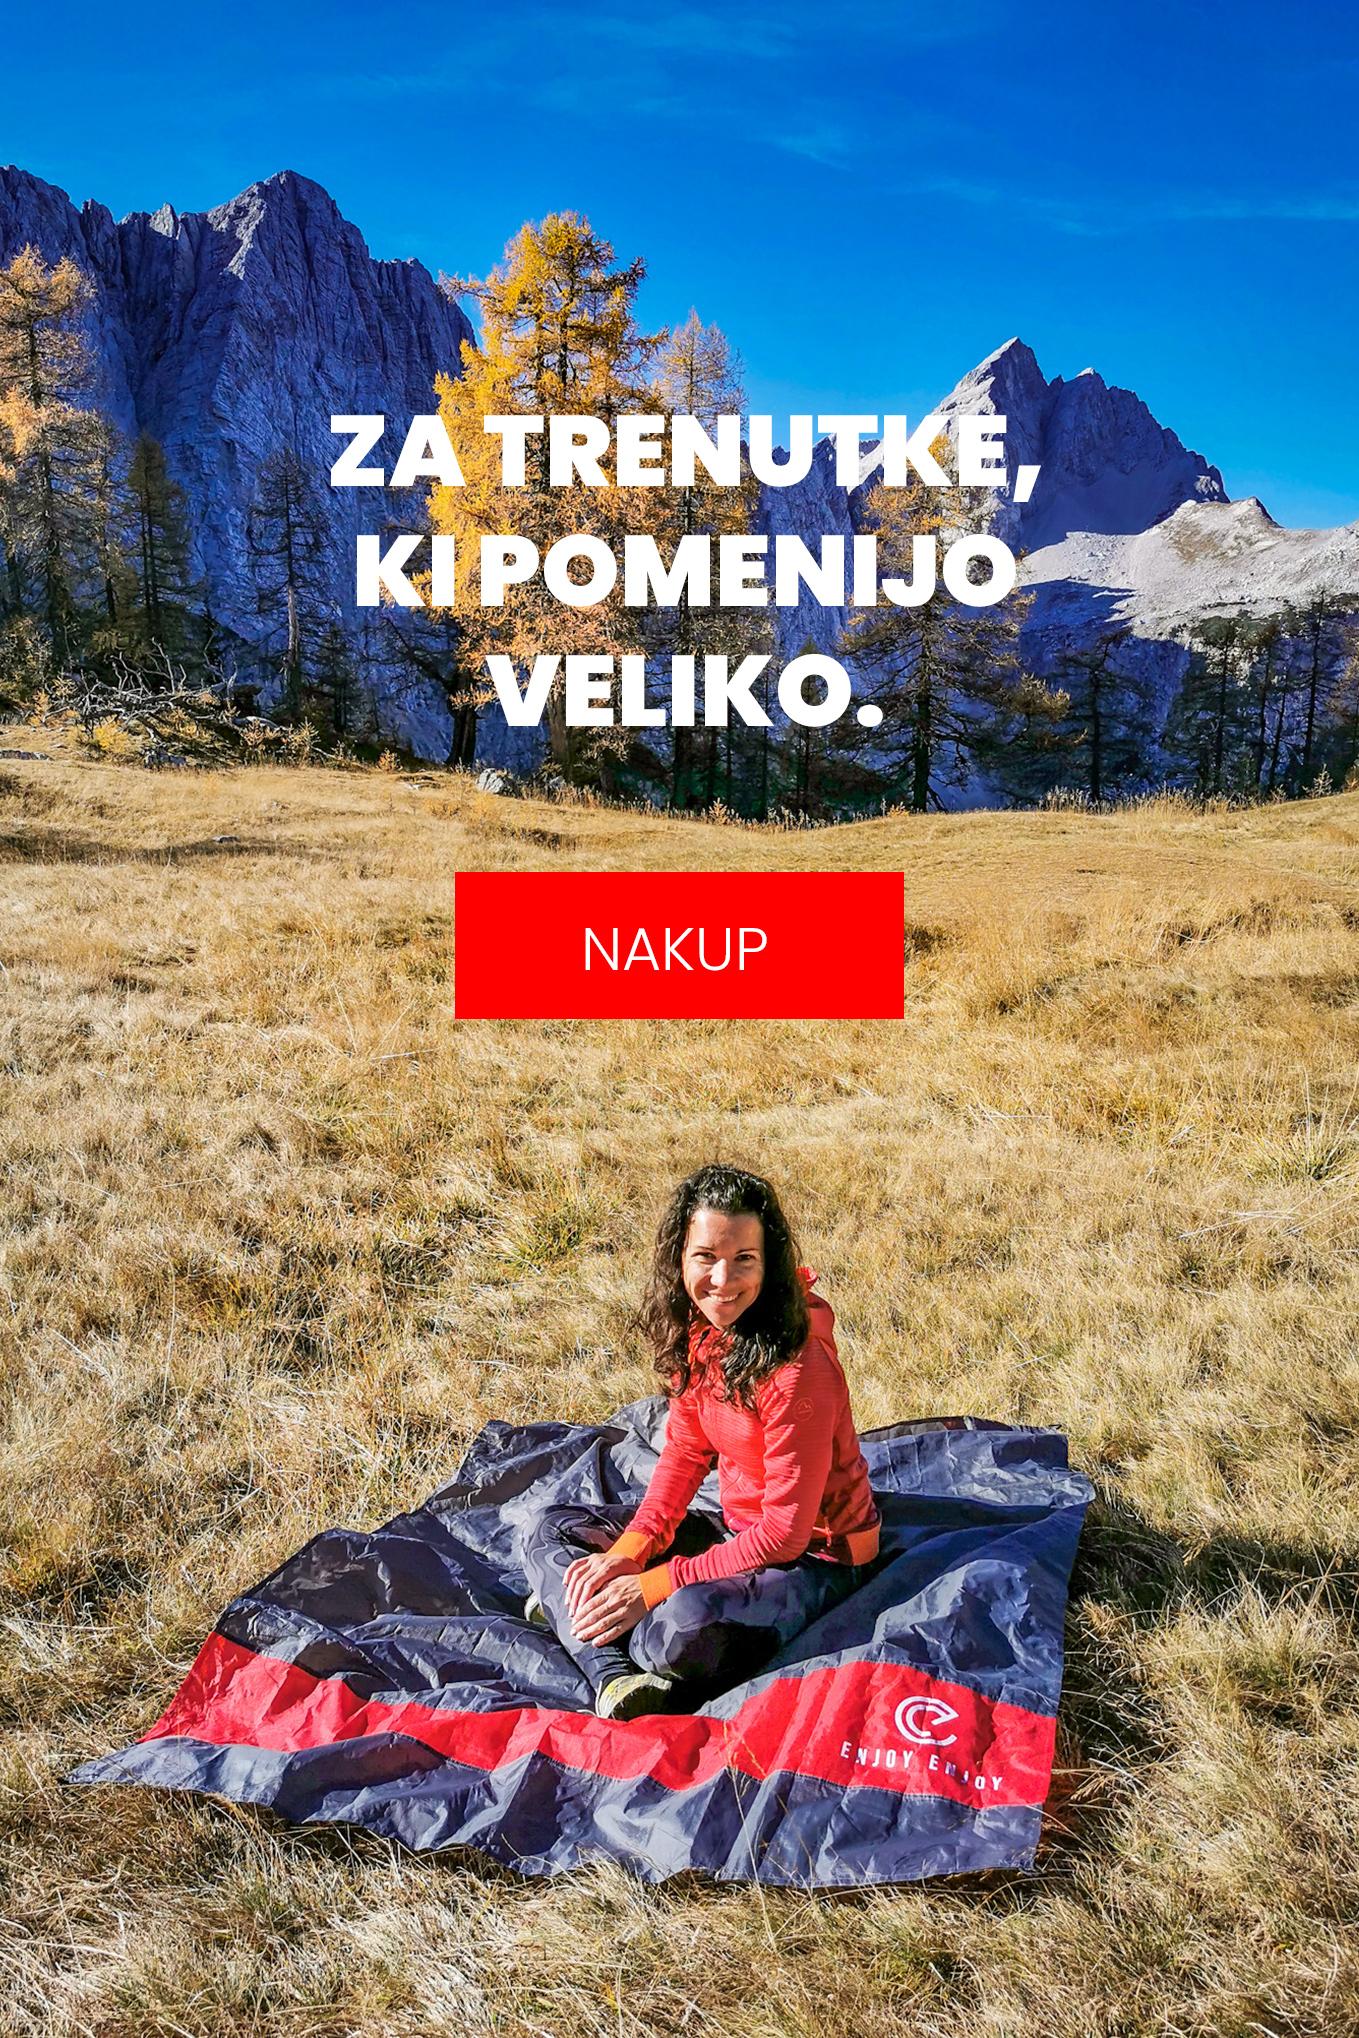 Enjoy-Enjoy-podloga-za-v-naravo